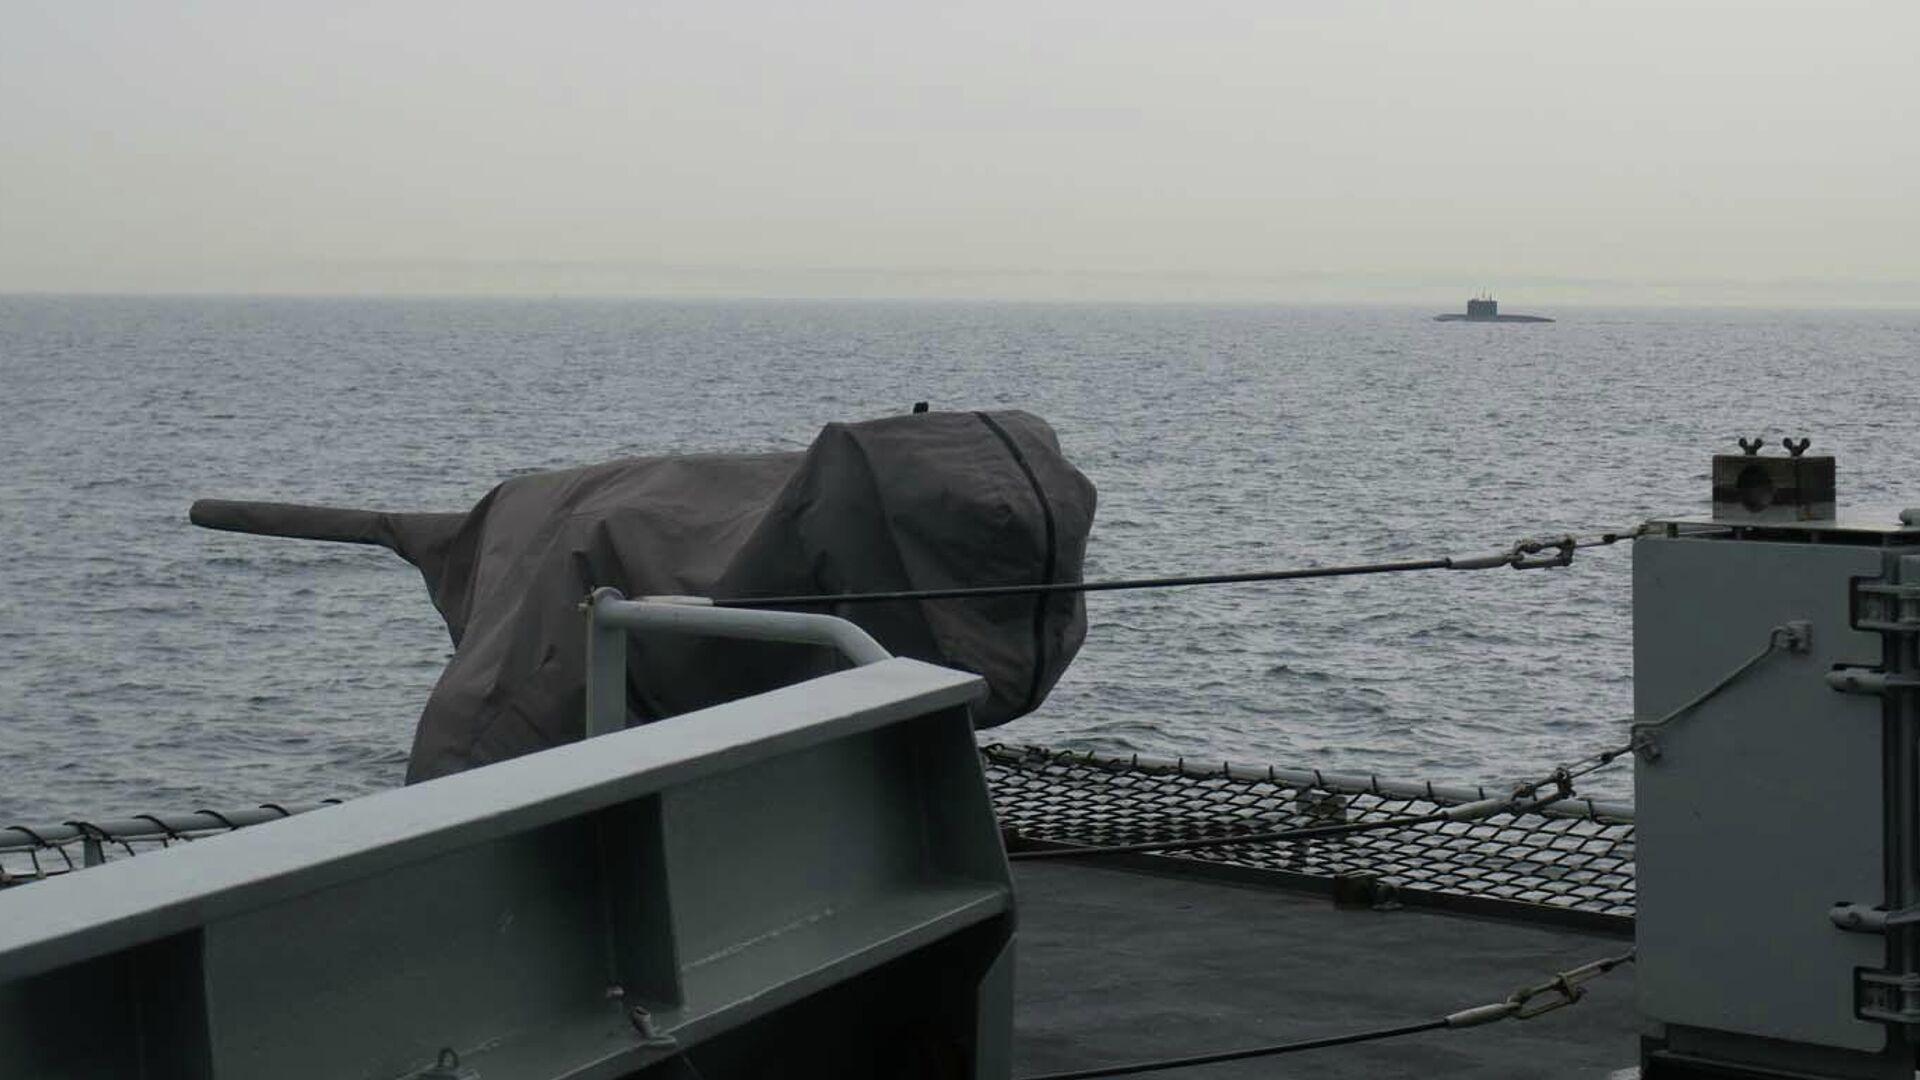 Патрульный корабль ВМС Великобритании HMS Mersey отслеживает российскую подводную лодку в Ла-Манше - РИА Новости, 1920, 02.03.2021